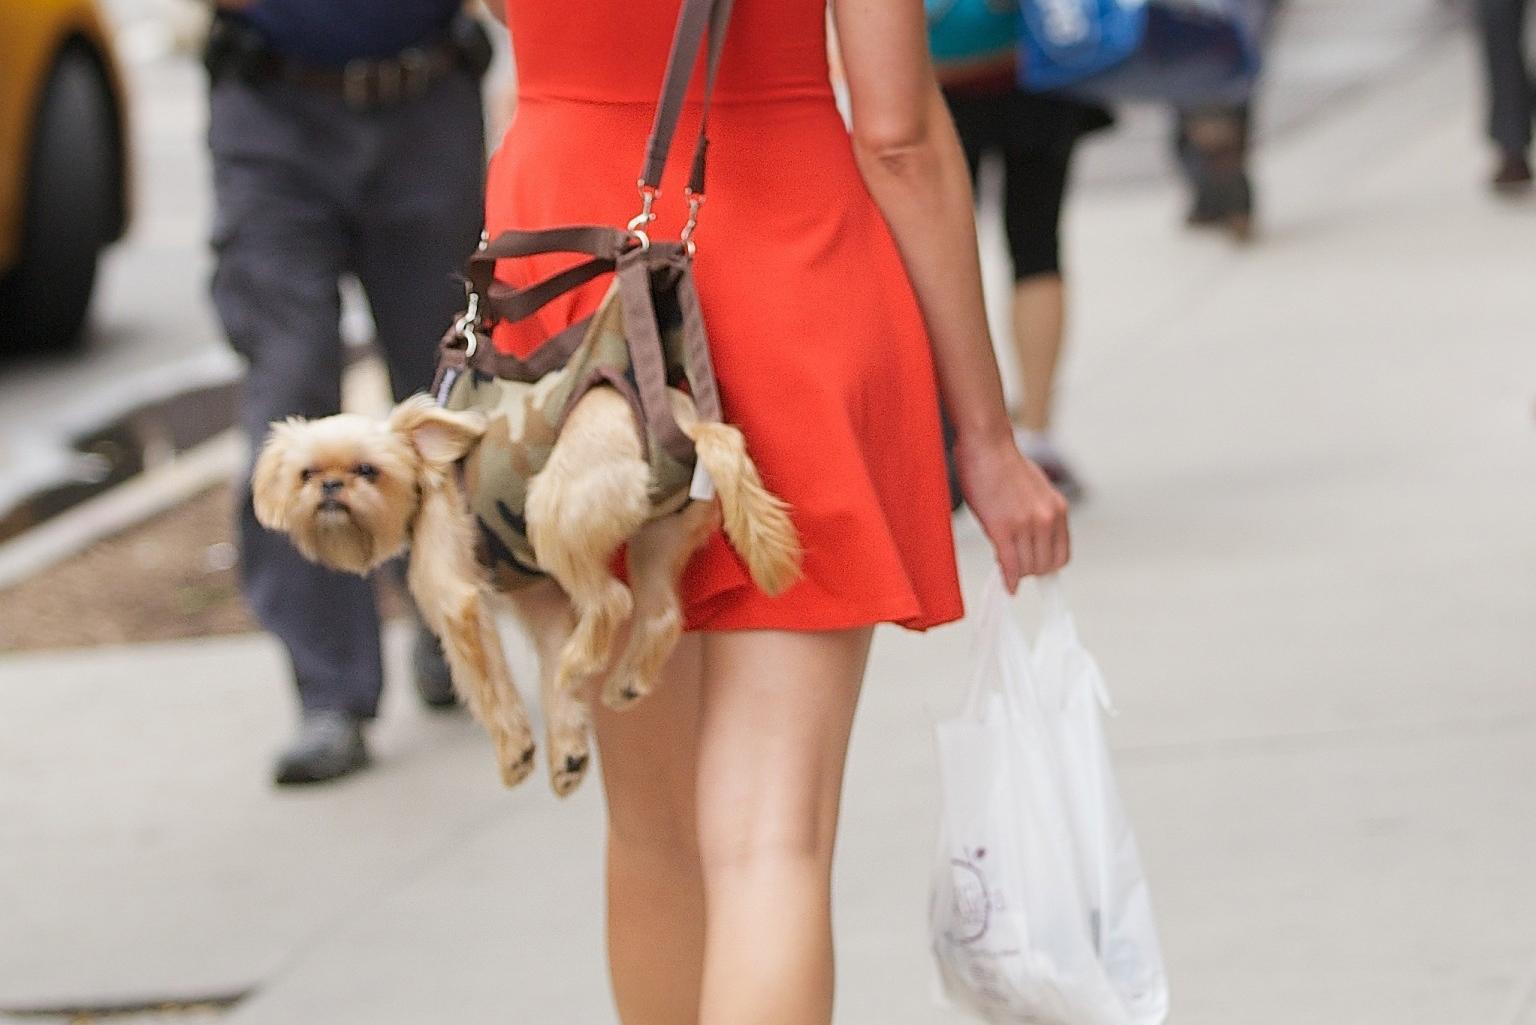 O puppy purse facebook